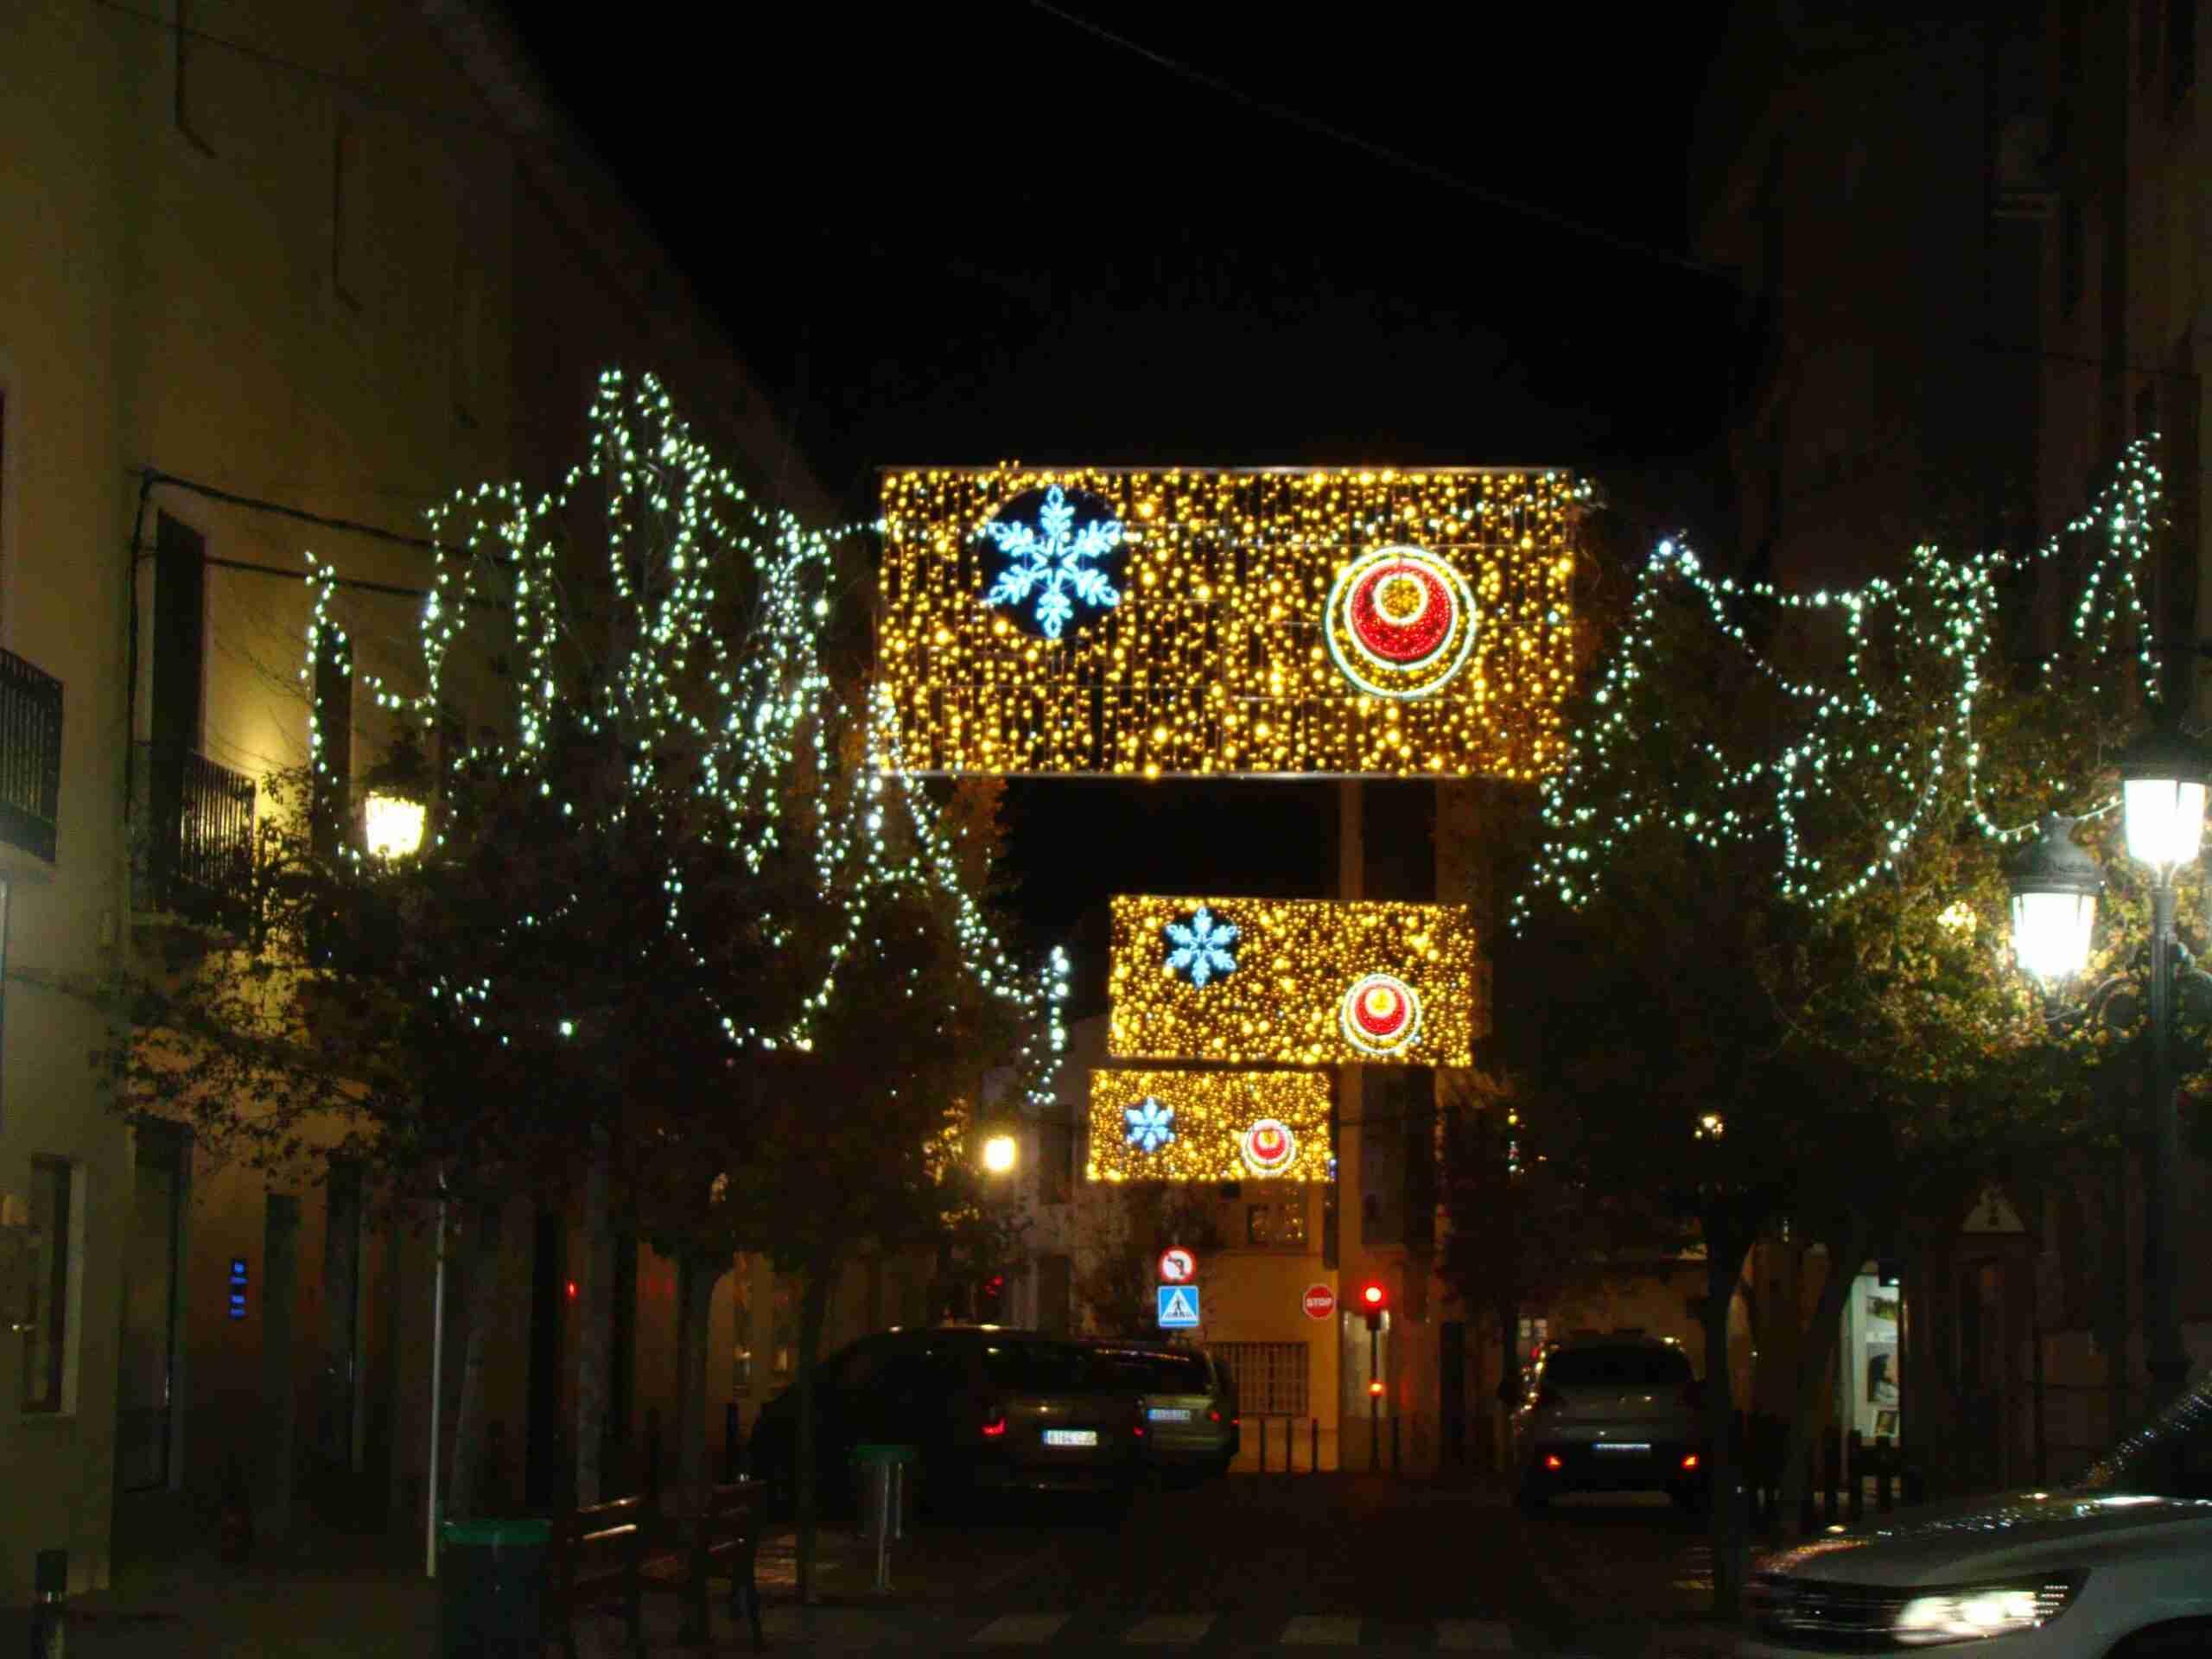 El espíritu navideño resurge en Quintanar con el inicio de una Navidad muy especial 10